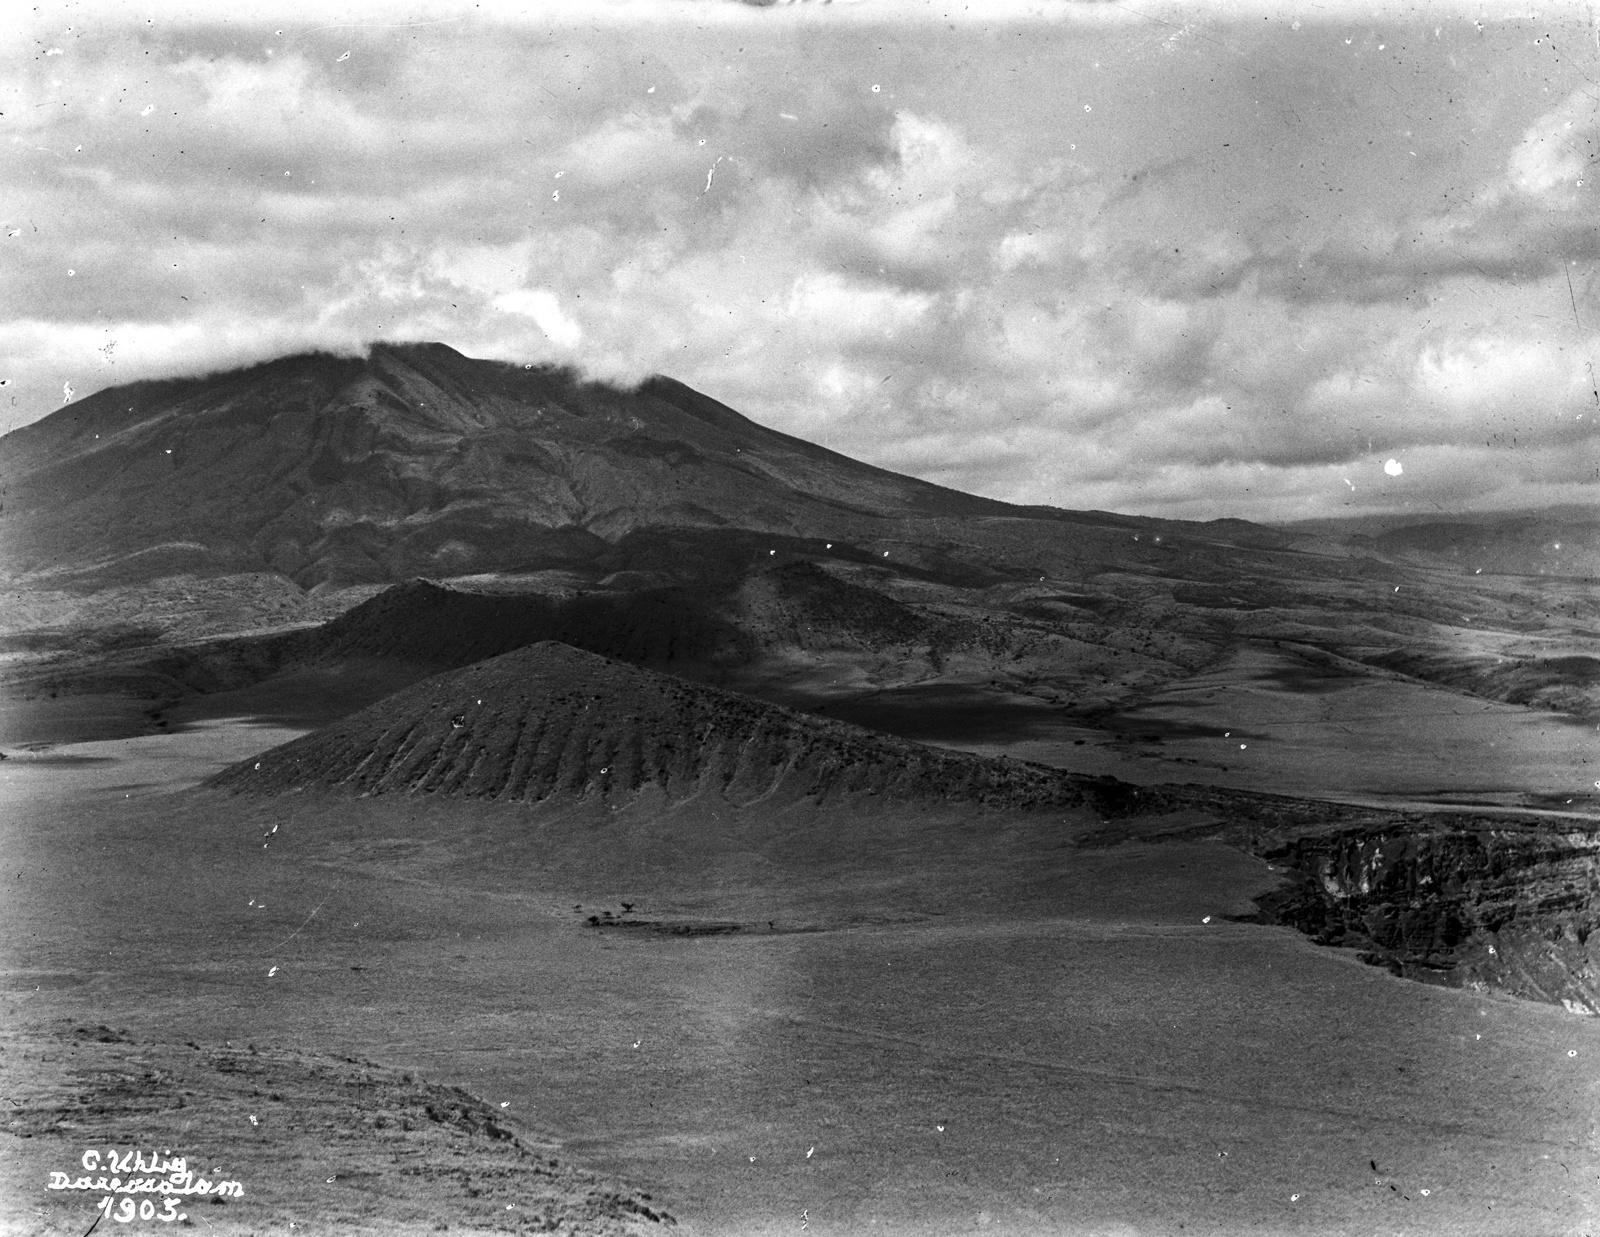 42. Панорама кратера. В левой  вулкан Керимаси, прямо вулкан Ол-Доиньо-Ленгаи